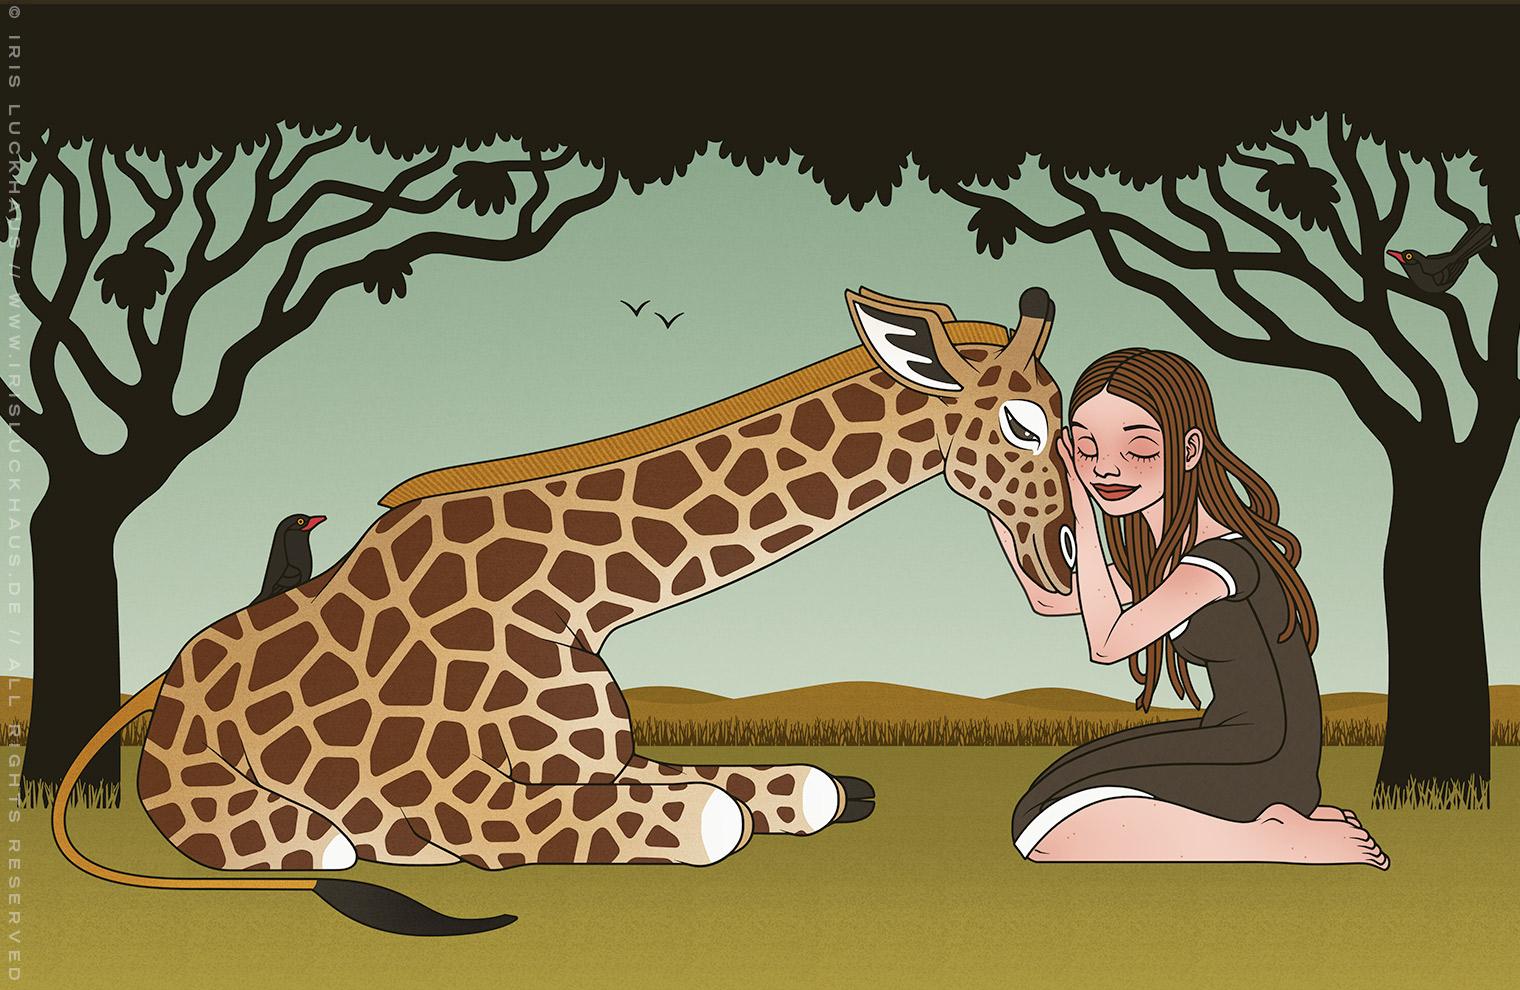 Zeichnung von Iris Luckhaus mit Mädchen und einer Giraffe als Freundinnen in der afrikanischen Savanne, für den Empathie-Trainer EmpaTrain